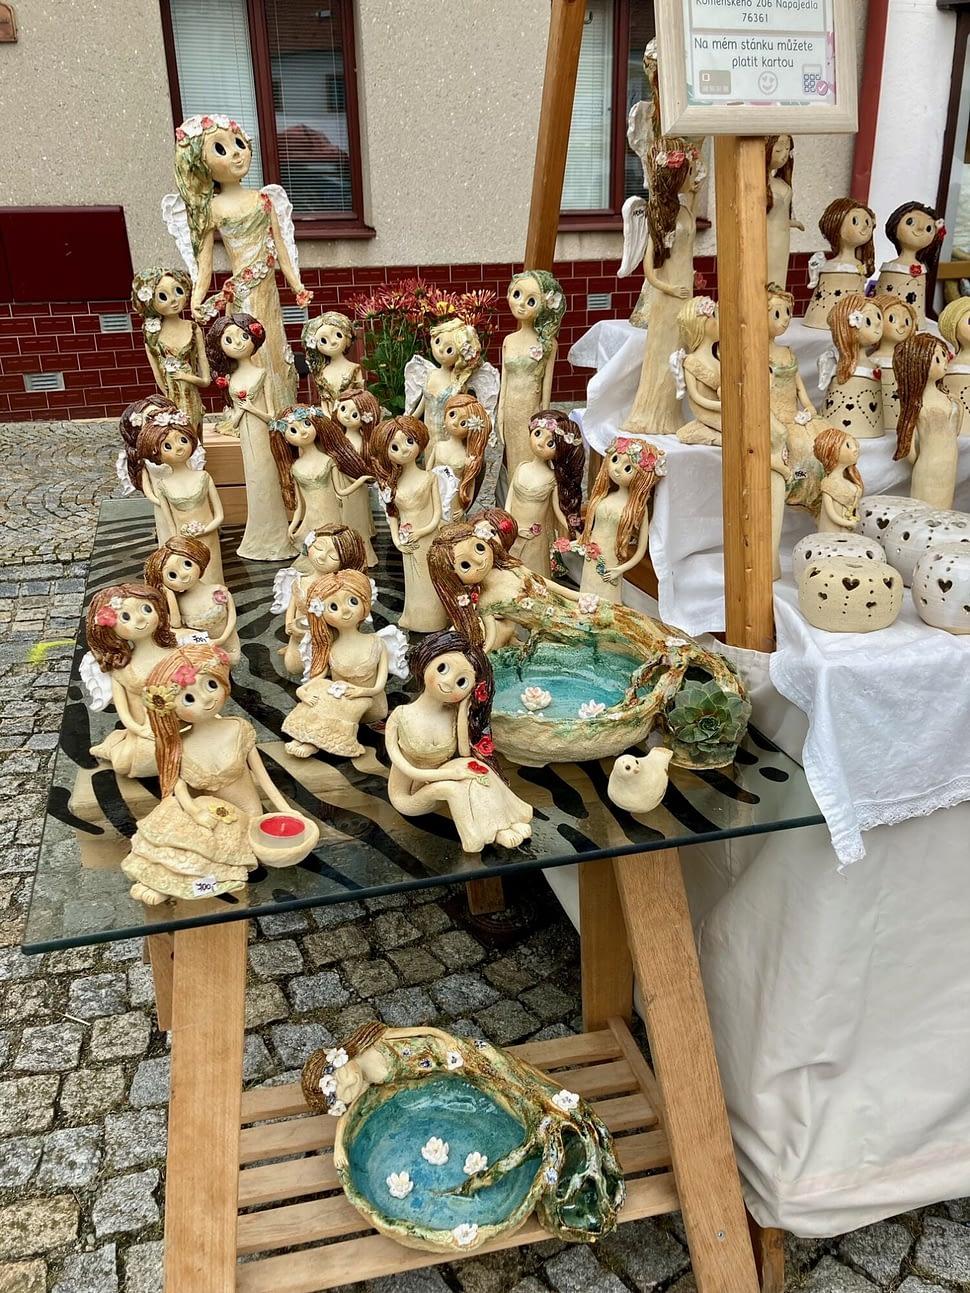 stanek keramika keramikaandee hrnky víly andělky dekorace sochy